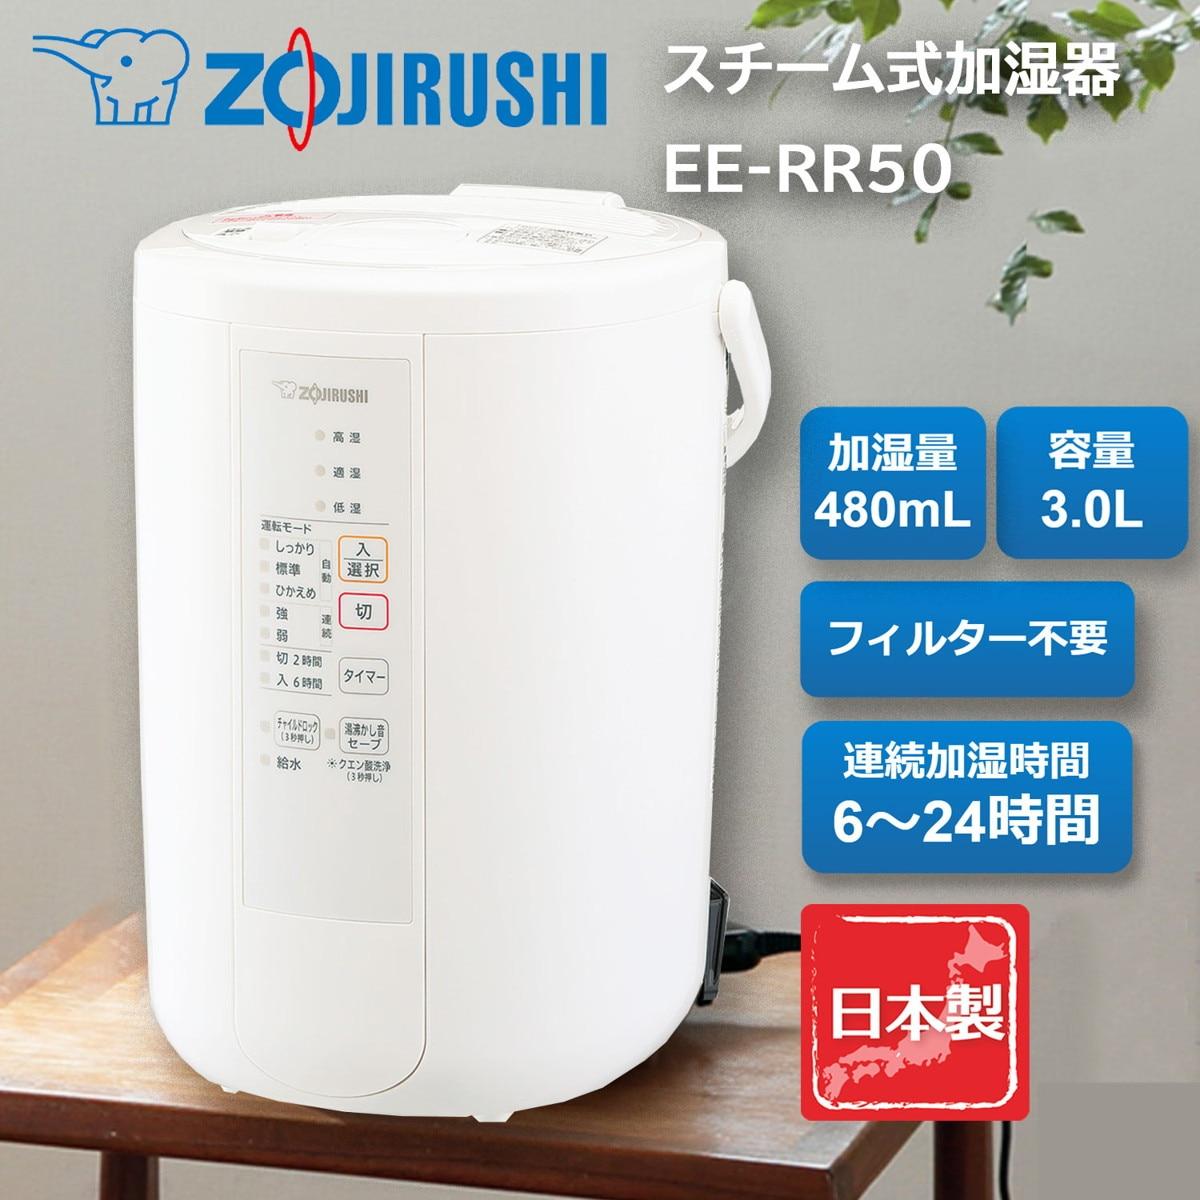 象印マホービン スチーム式加湿器 加湿量480ml/h ホワイト EE-RR50-WA